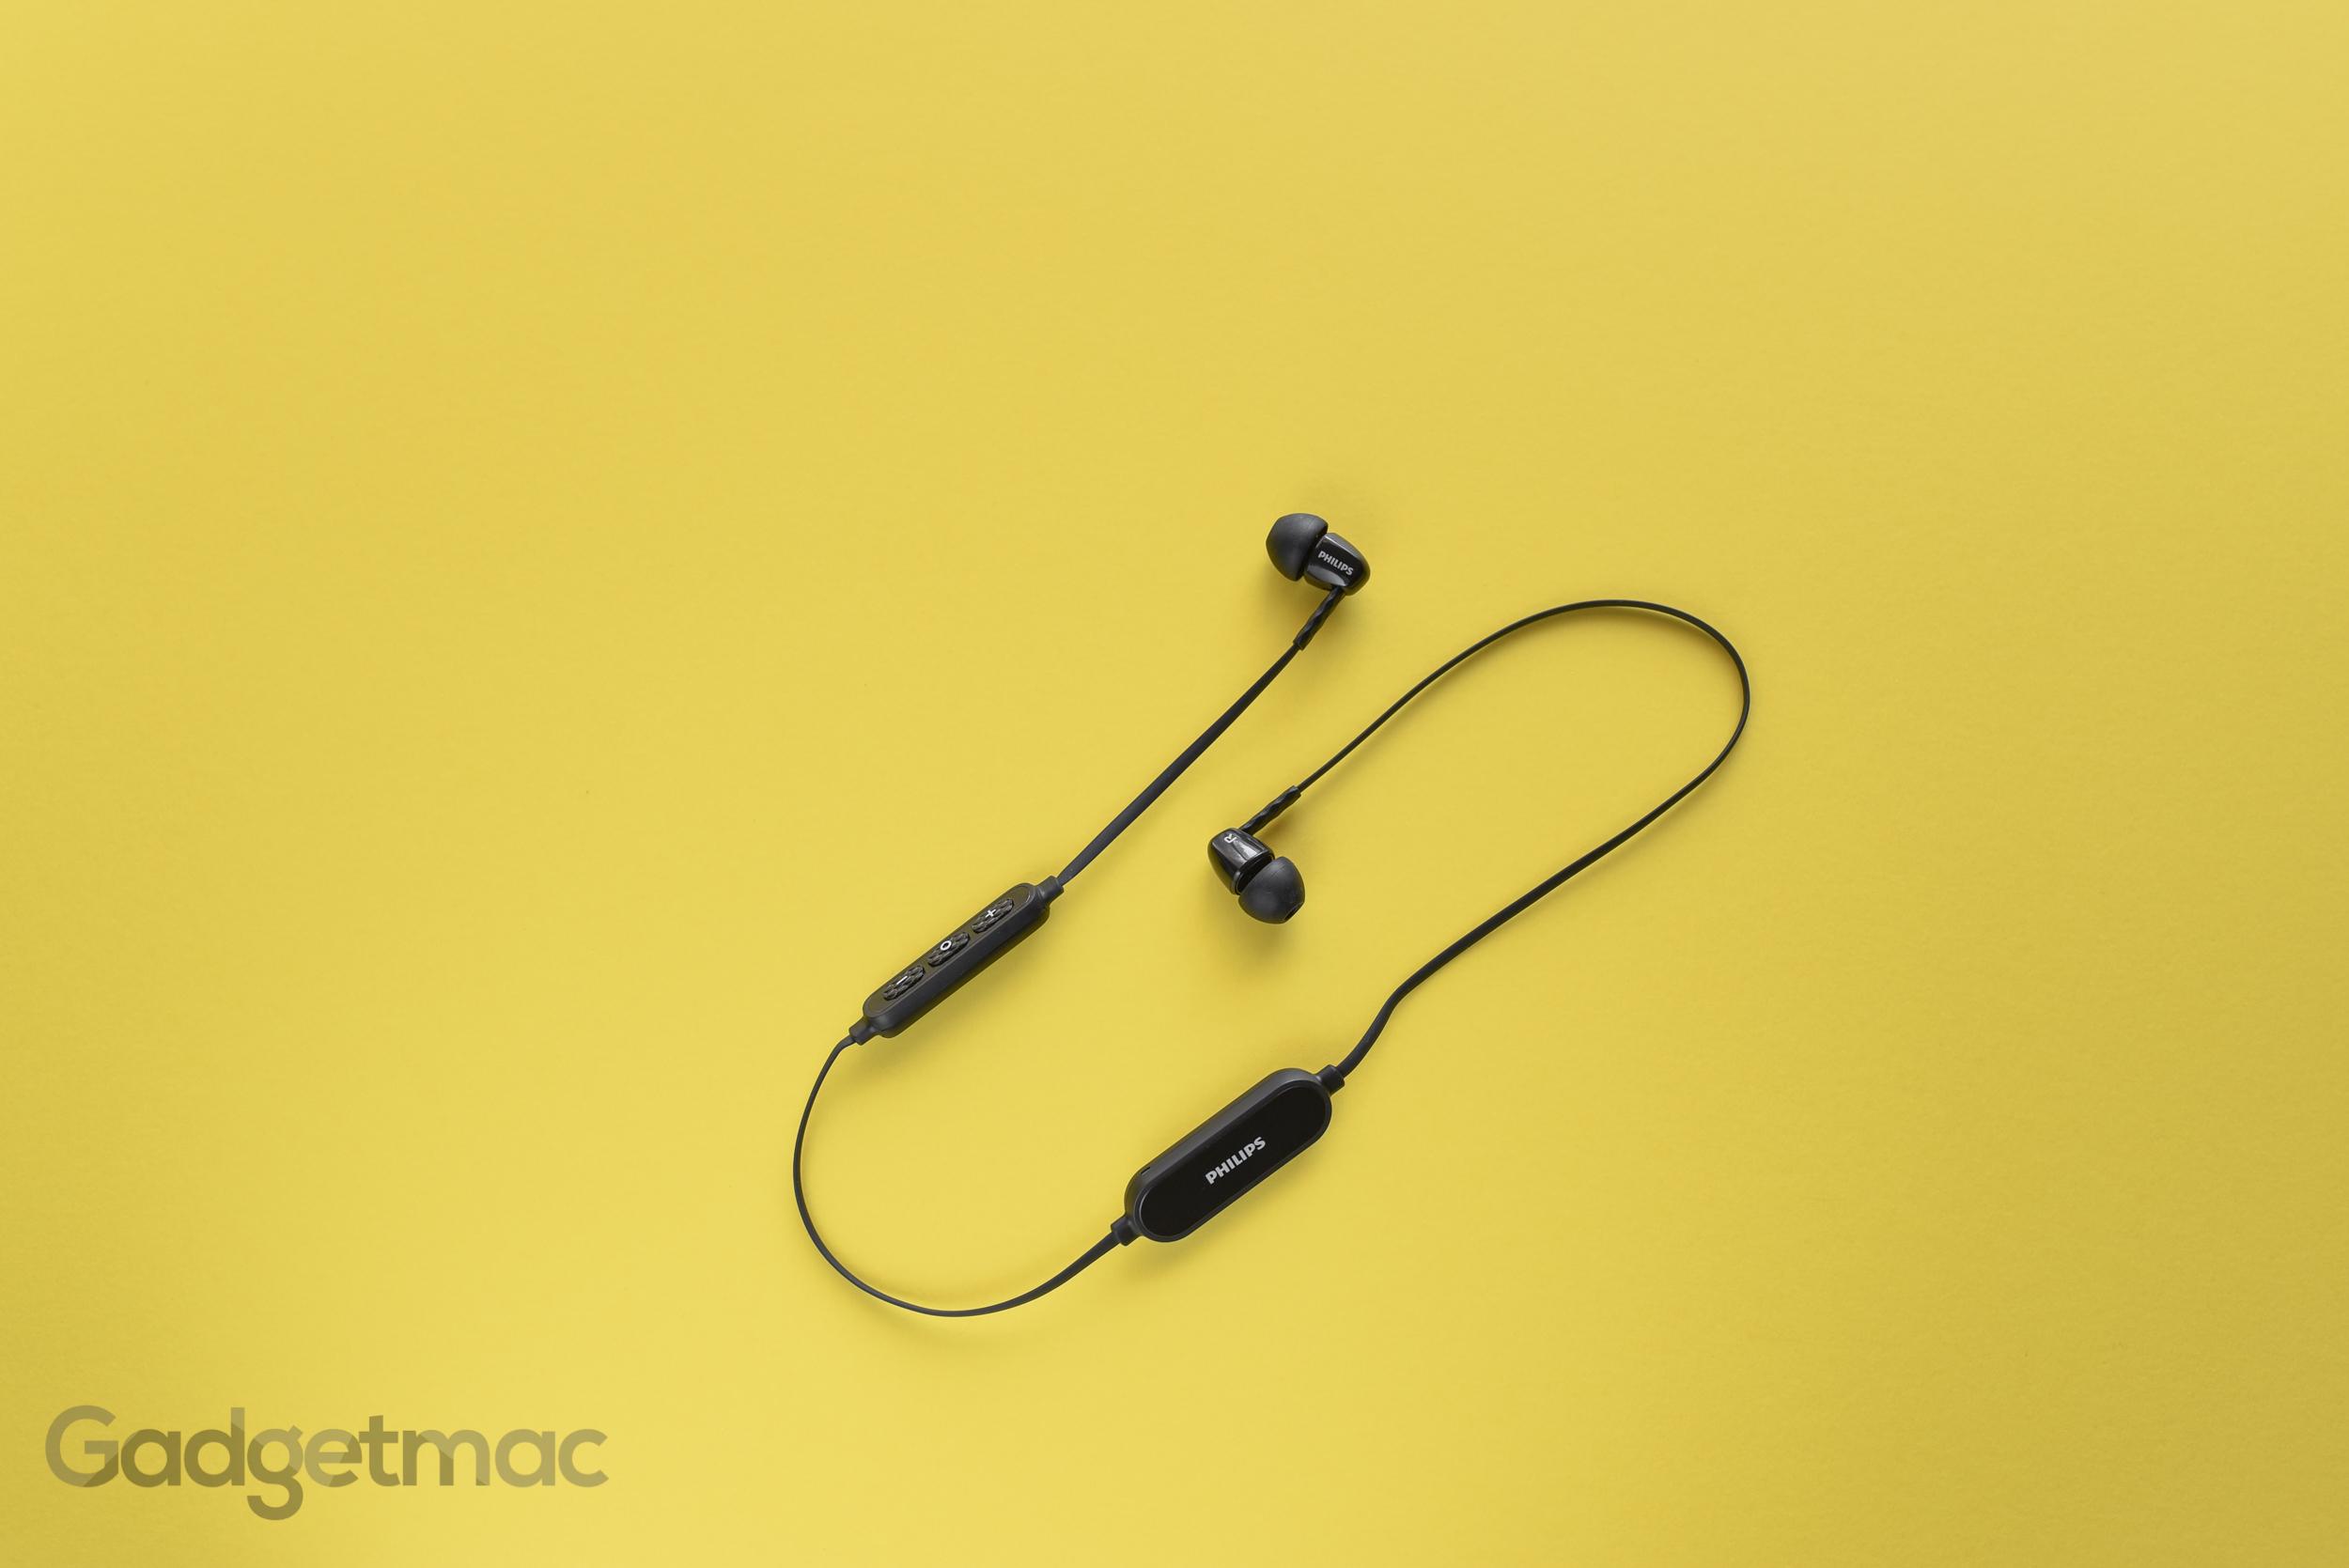 philips-shb5850-wireless-in-ear-headphones-1.jpg